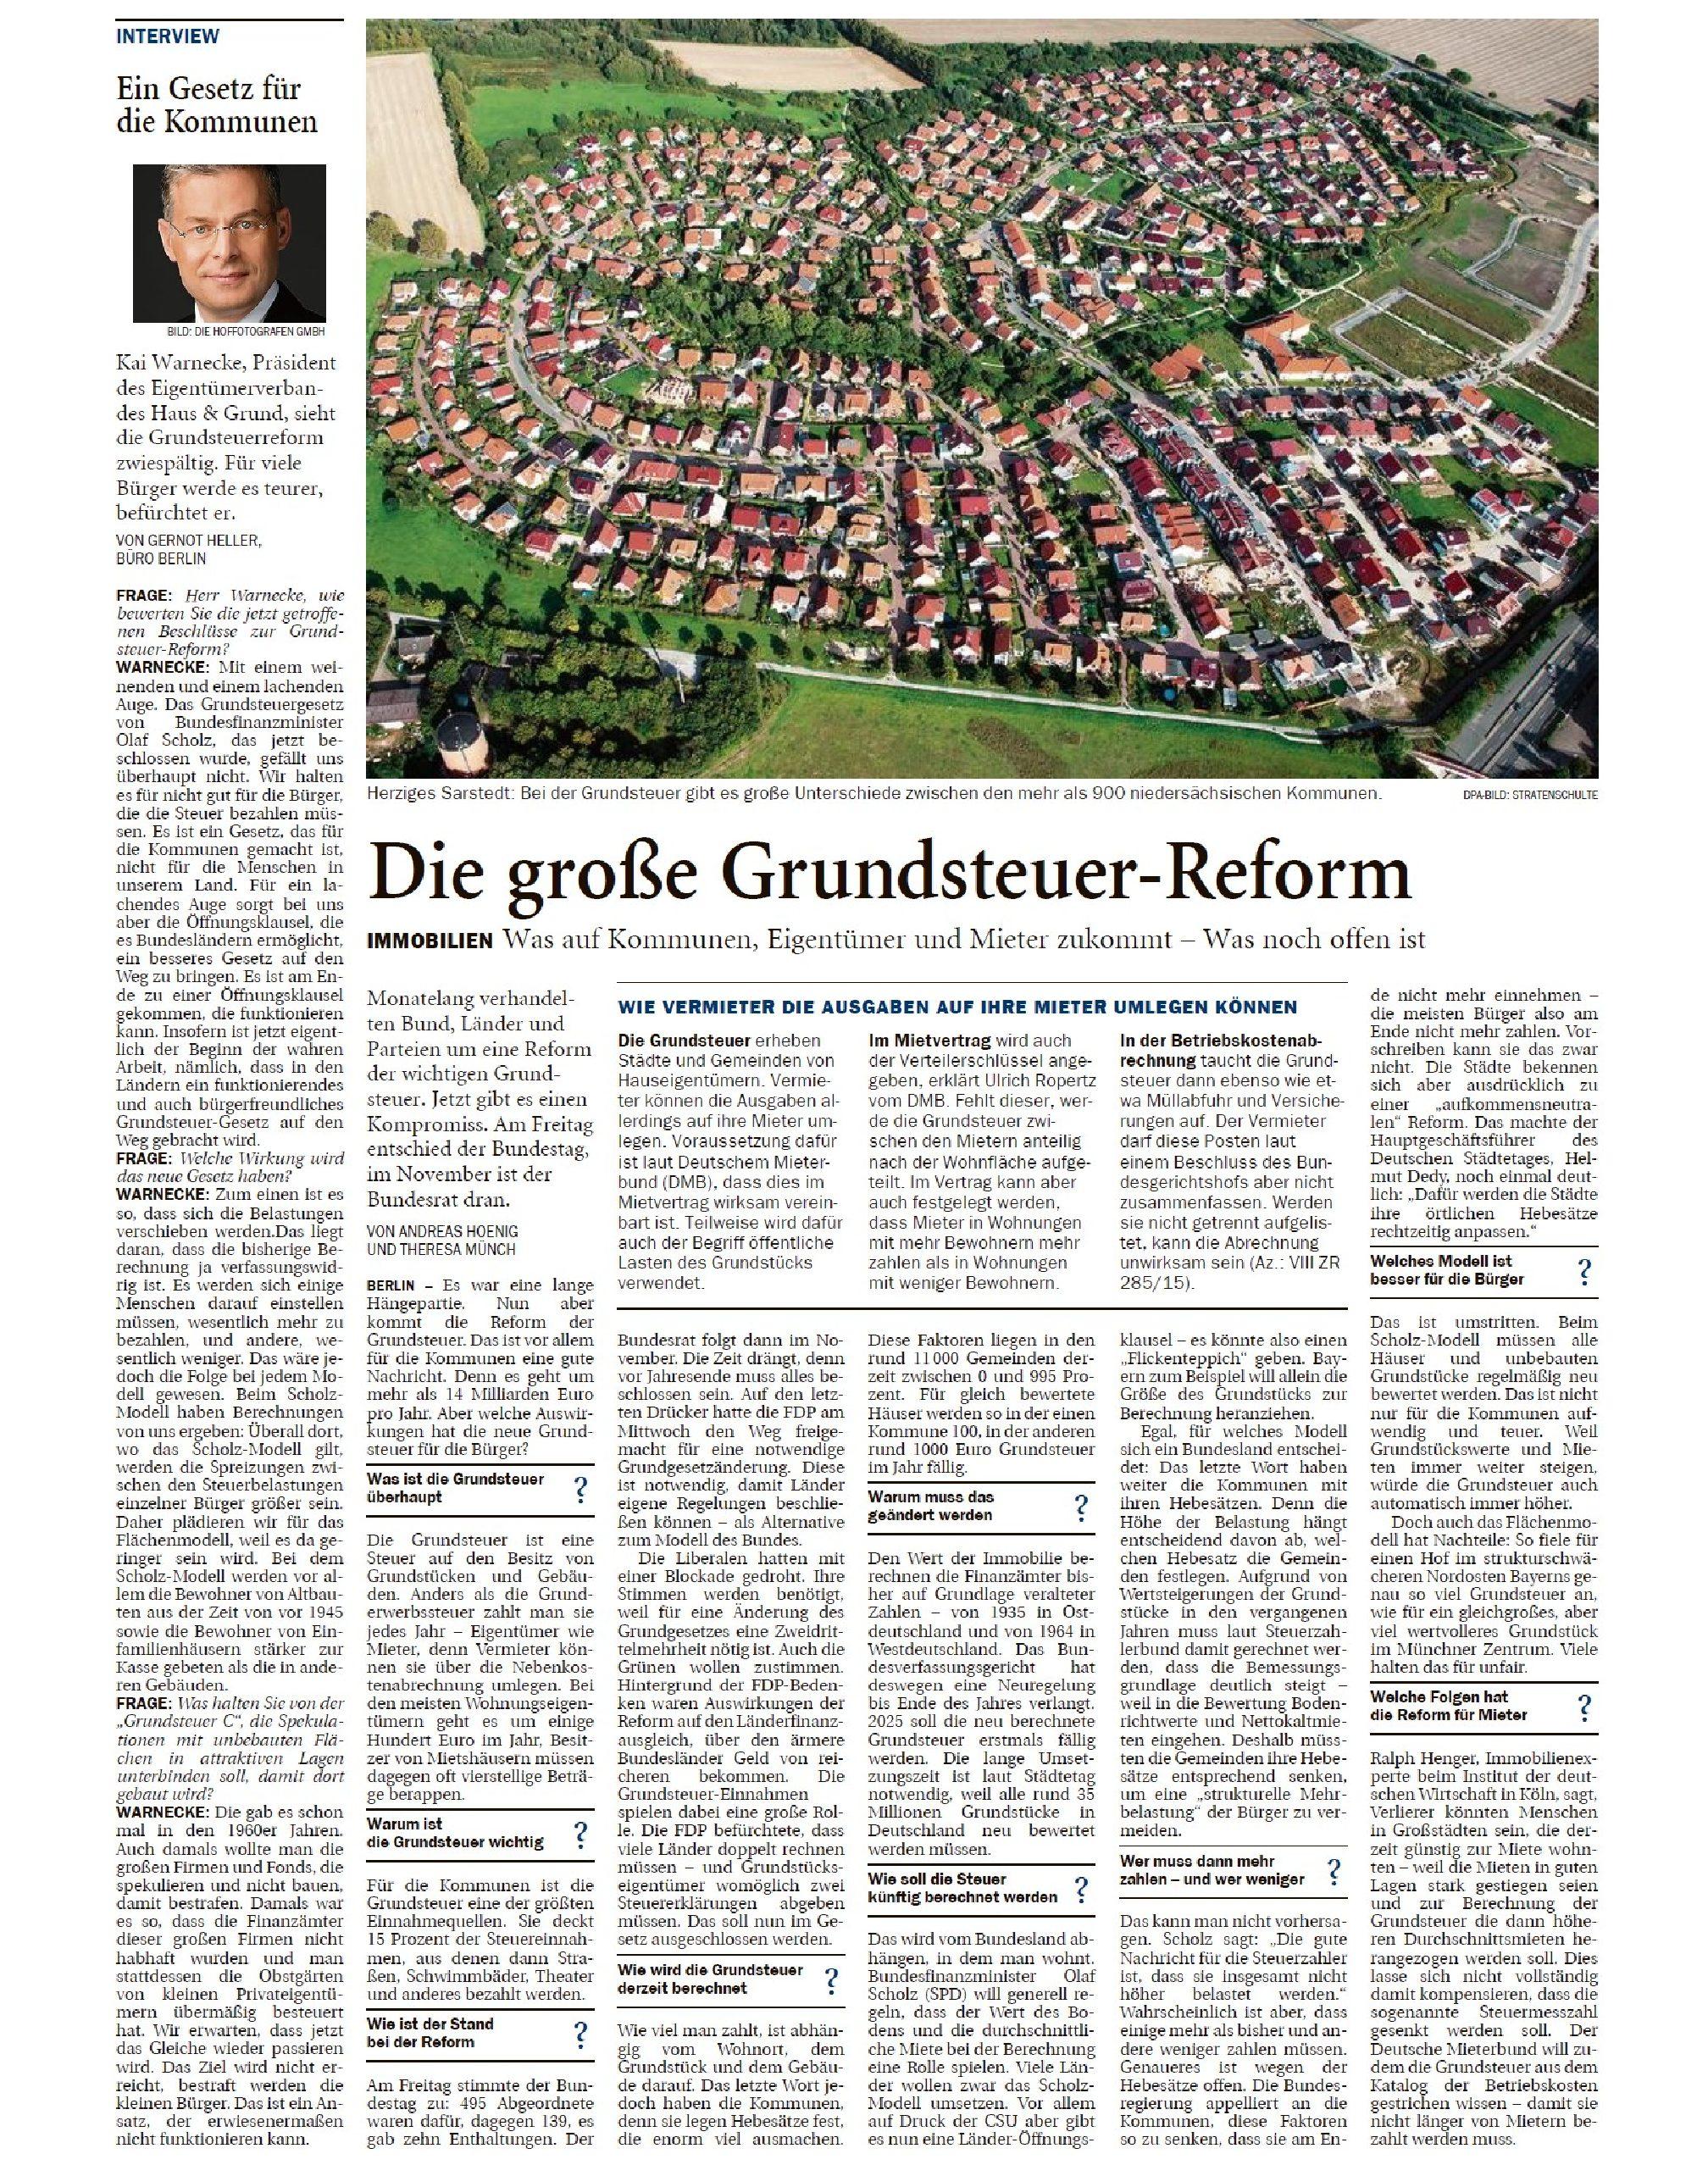 Jeversches Wochenblatt 19.10.2019 II